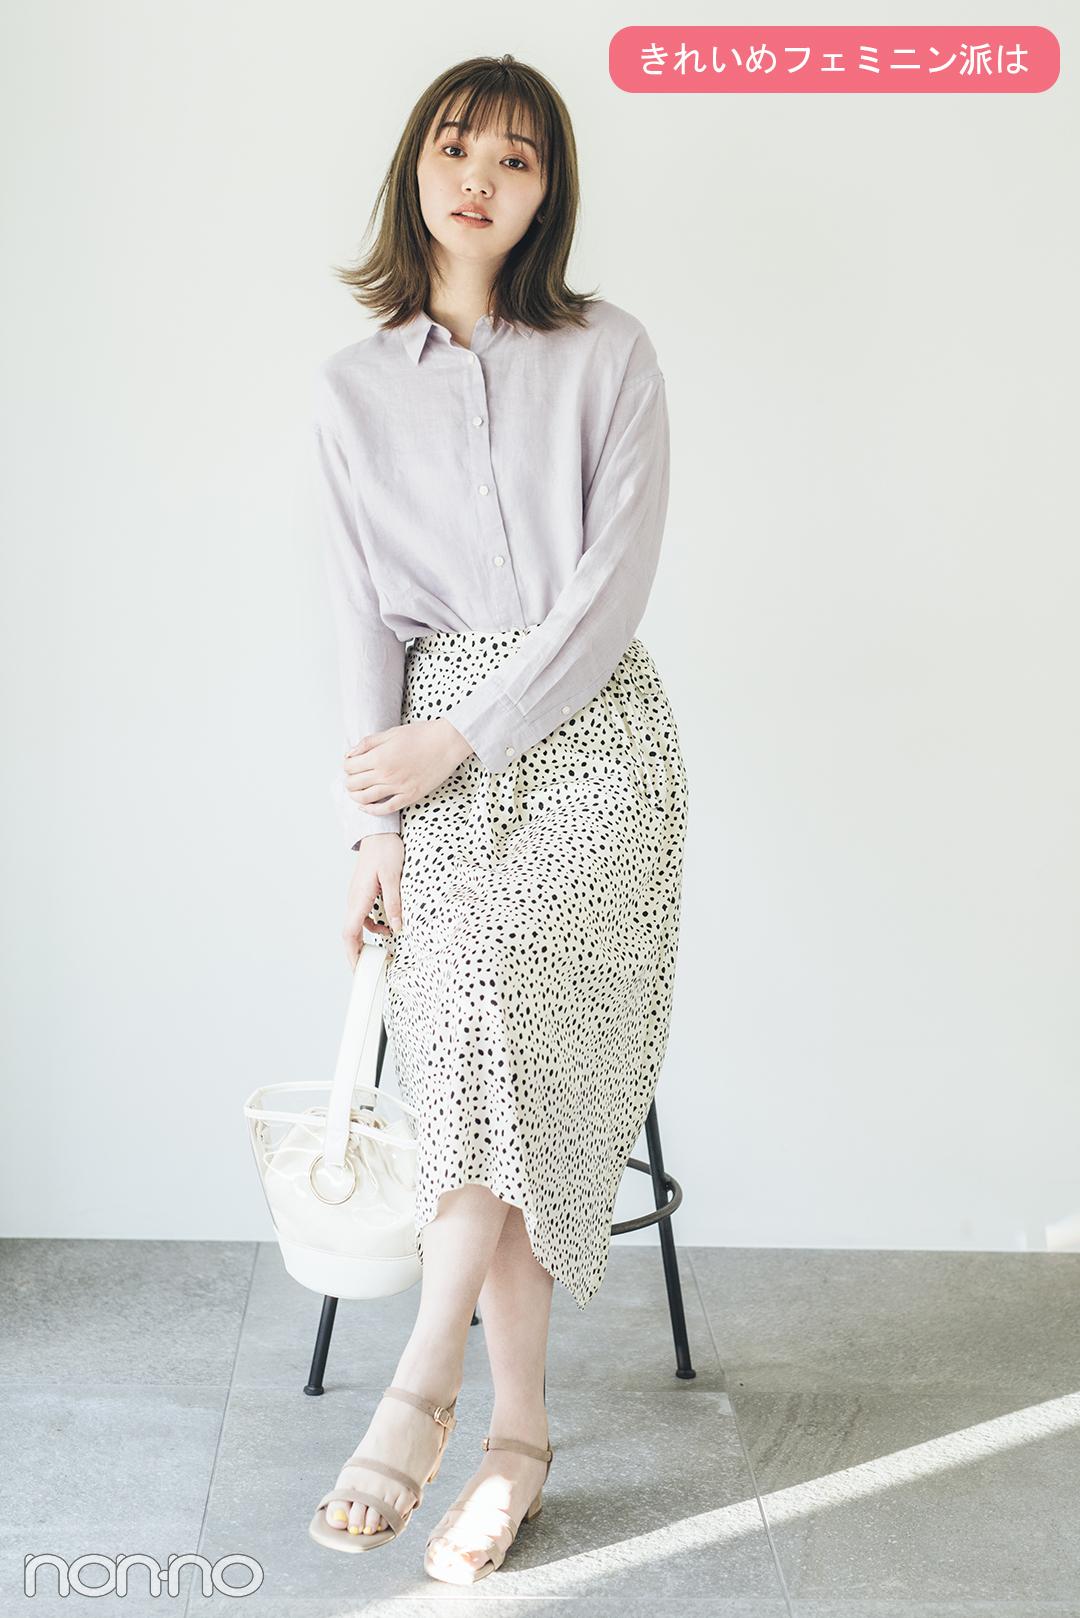 ITEM2 上質で清涼感のある カラーリネンシャツ きれいめフェミニン派は 江野澤愛美